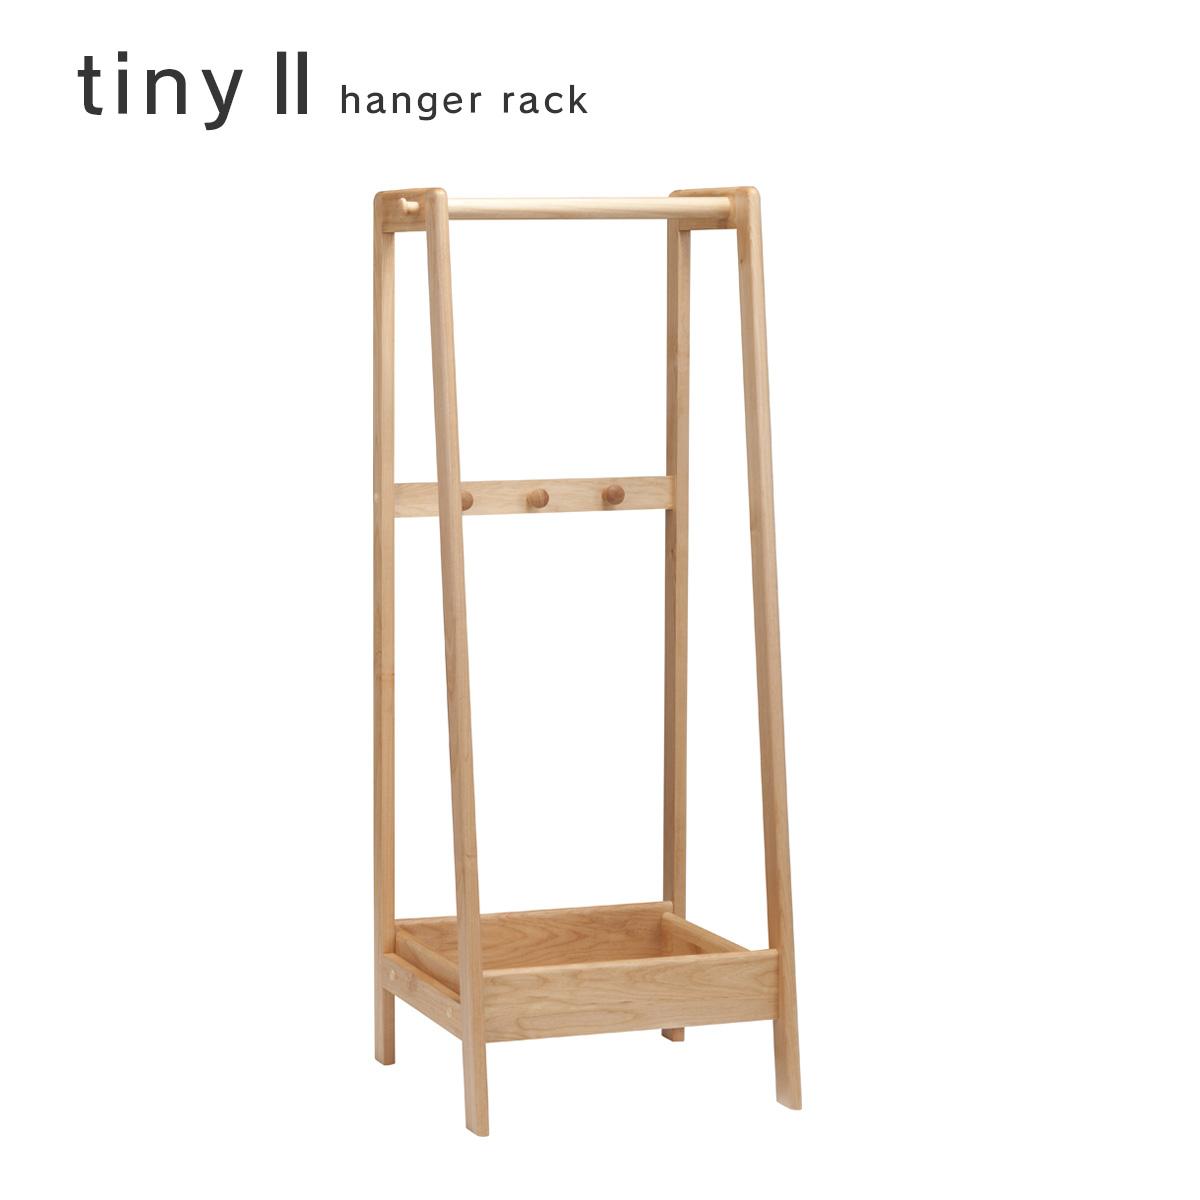 tiny2 ハンガーラック タイニー2 幅55cm 木製 コートハンガー moderato3